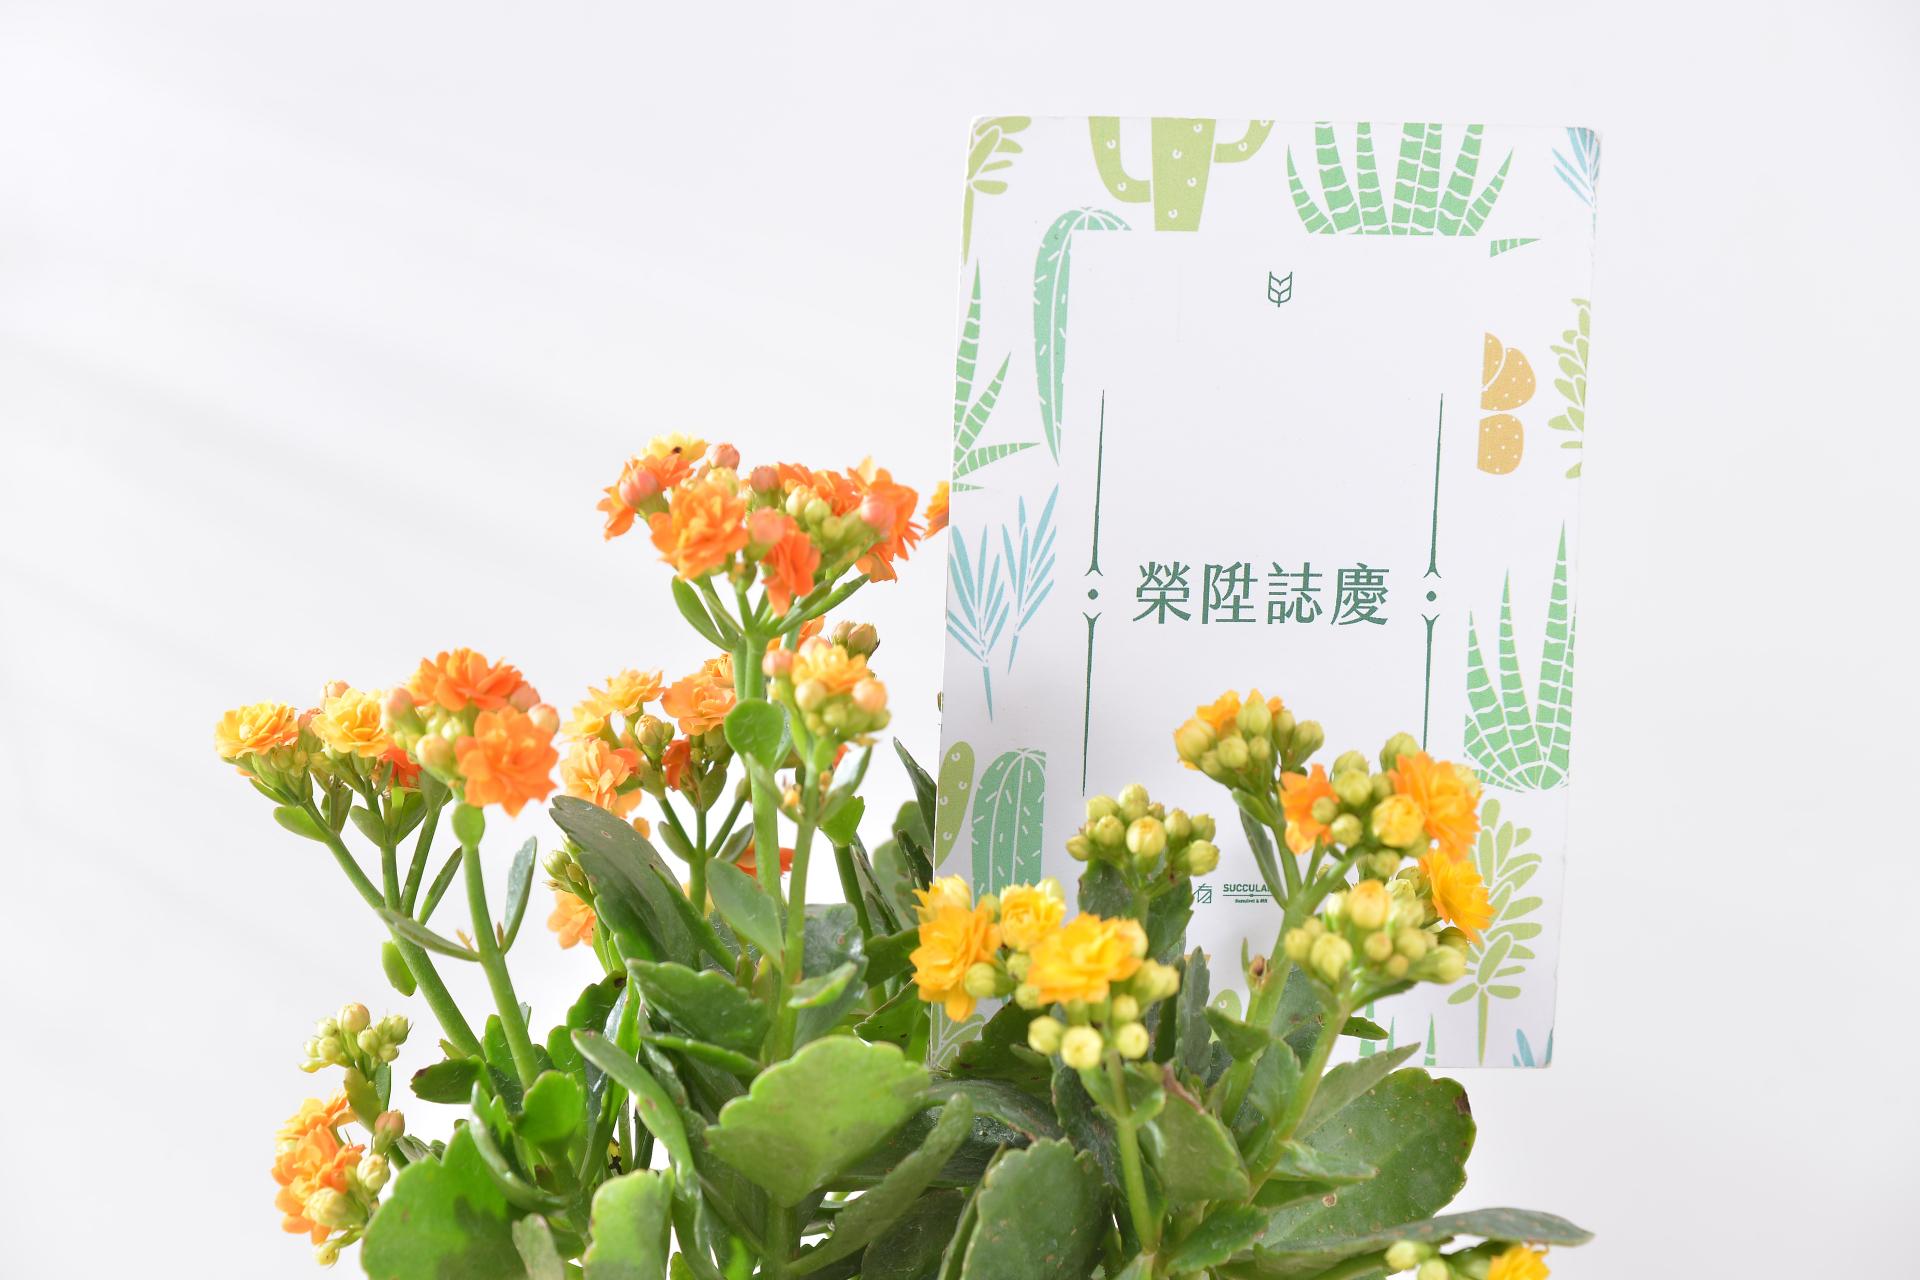 長壽花富含吉祥長壽的寓意,是台灣人佳節、年節送禮的熱門選擇,如果不打算送太過鋪張的花籃,一盆精緻的長壽花盆栽往往是最好的選擇